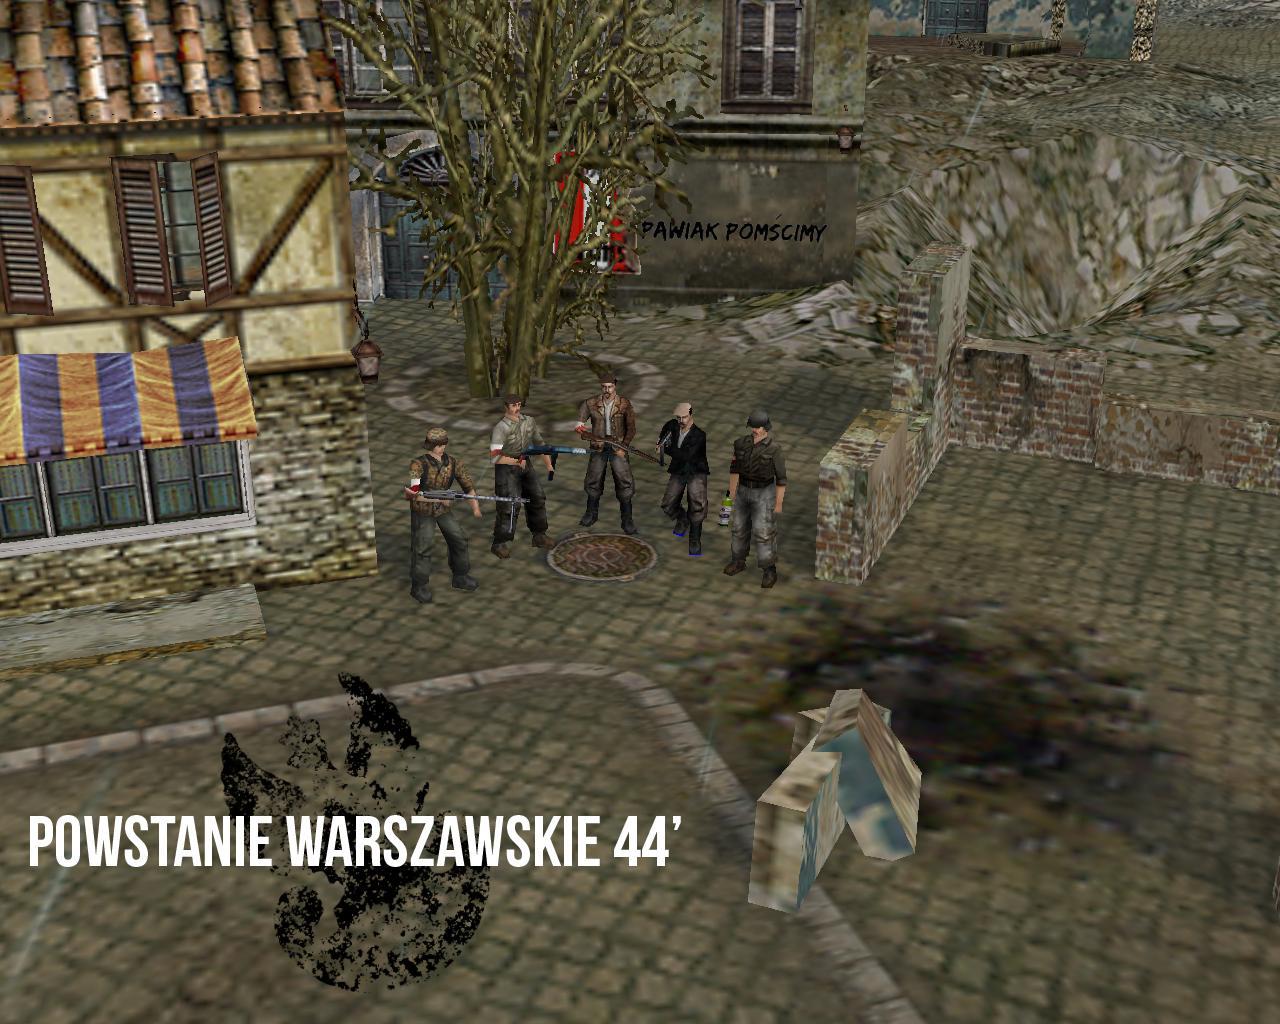 Скачать Warsaw Uprising 1944 v1.1 (ENG) — бесплатно